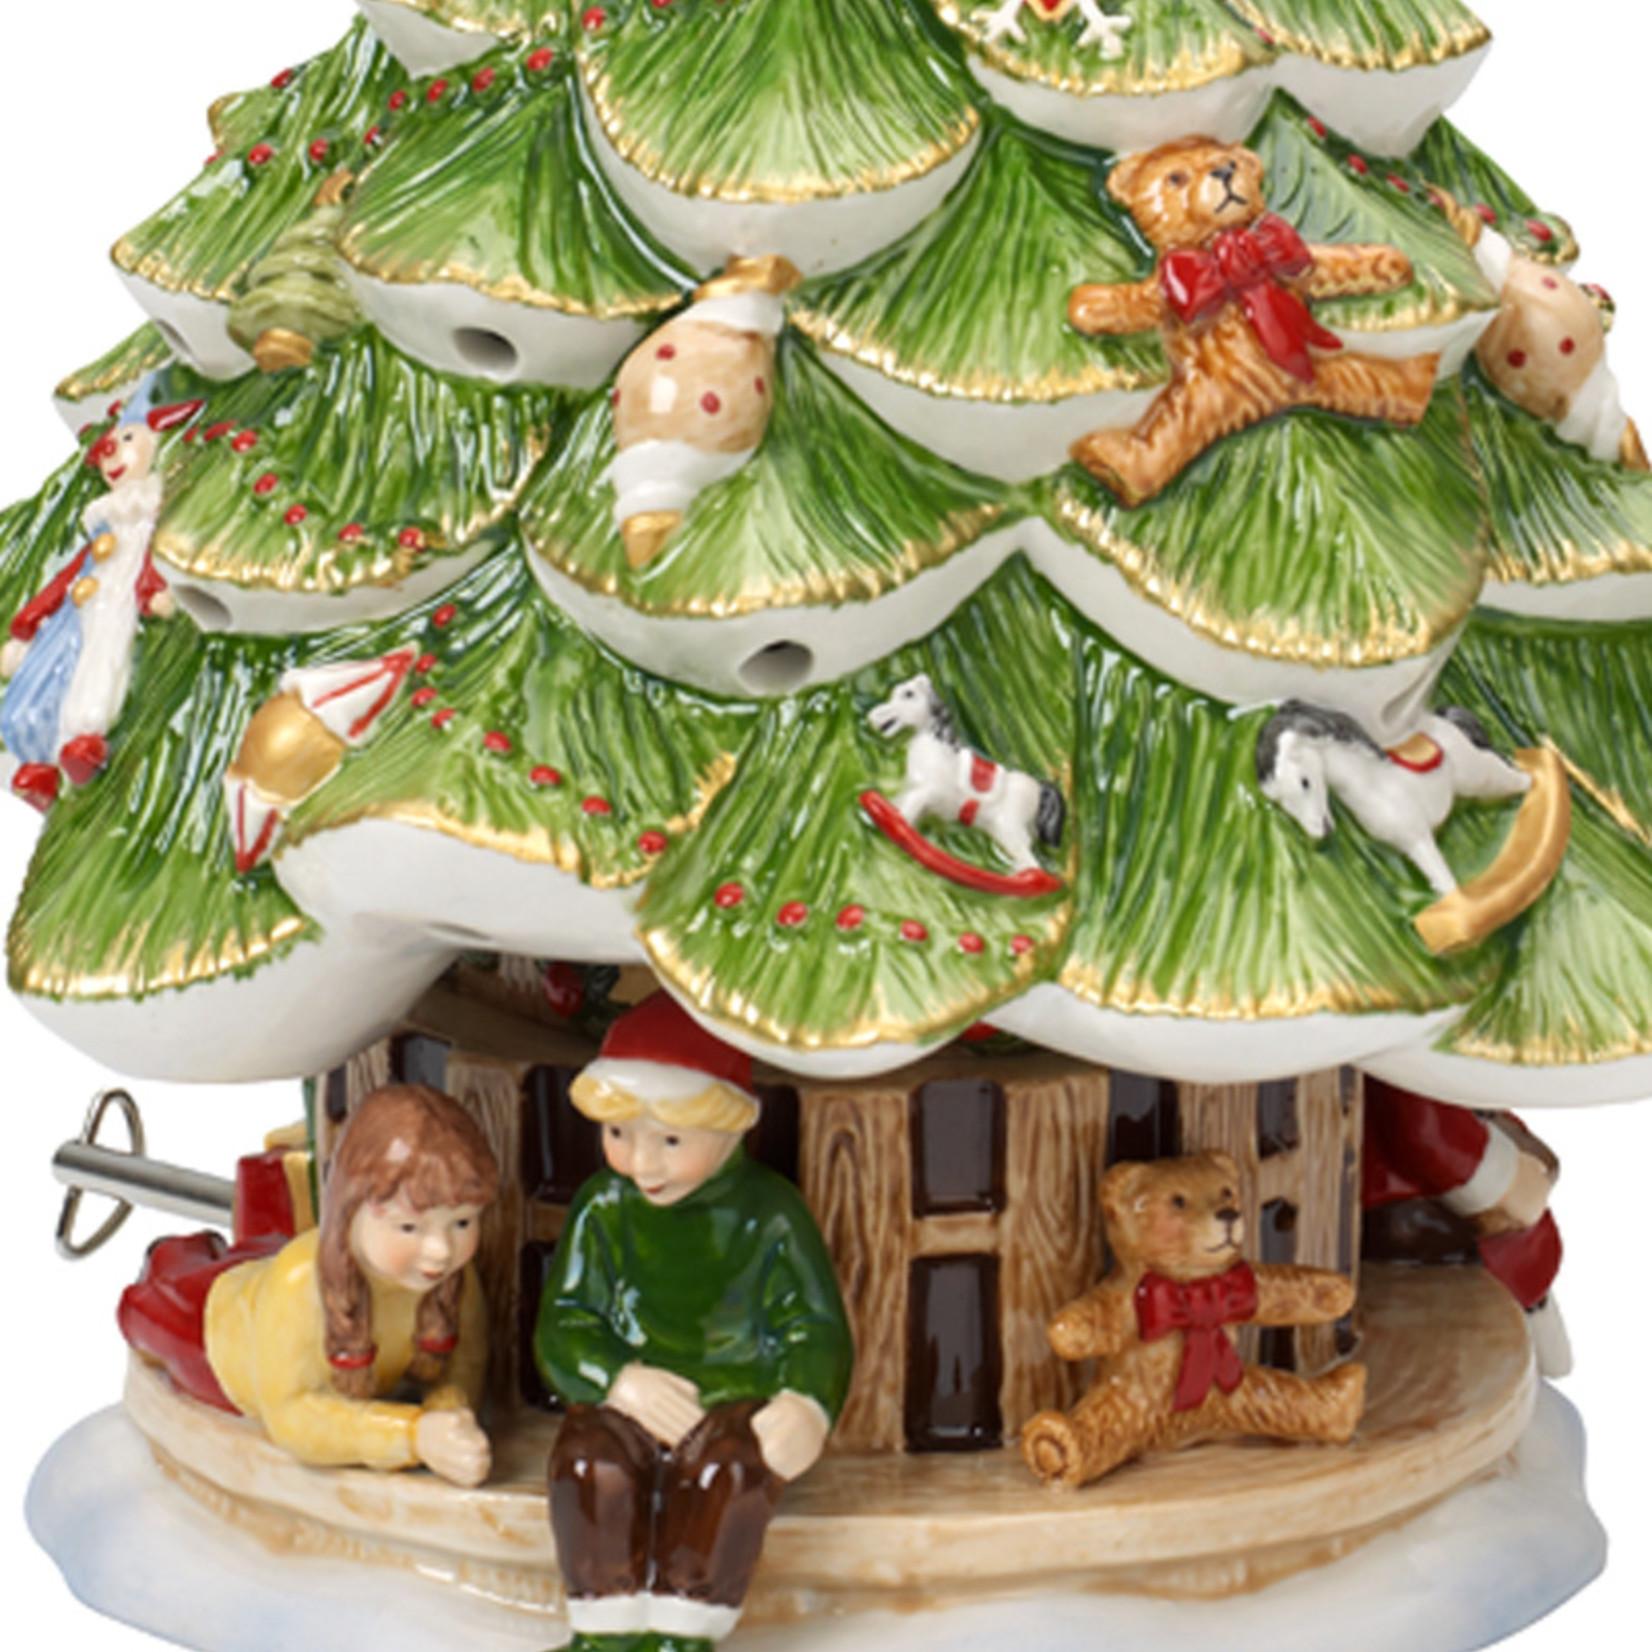 Villeroy & Boch  Spieluhr + Windlicht Weihnachtsbaum | Villeroy & Boch | Christmas Toys Memory